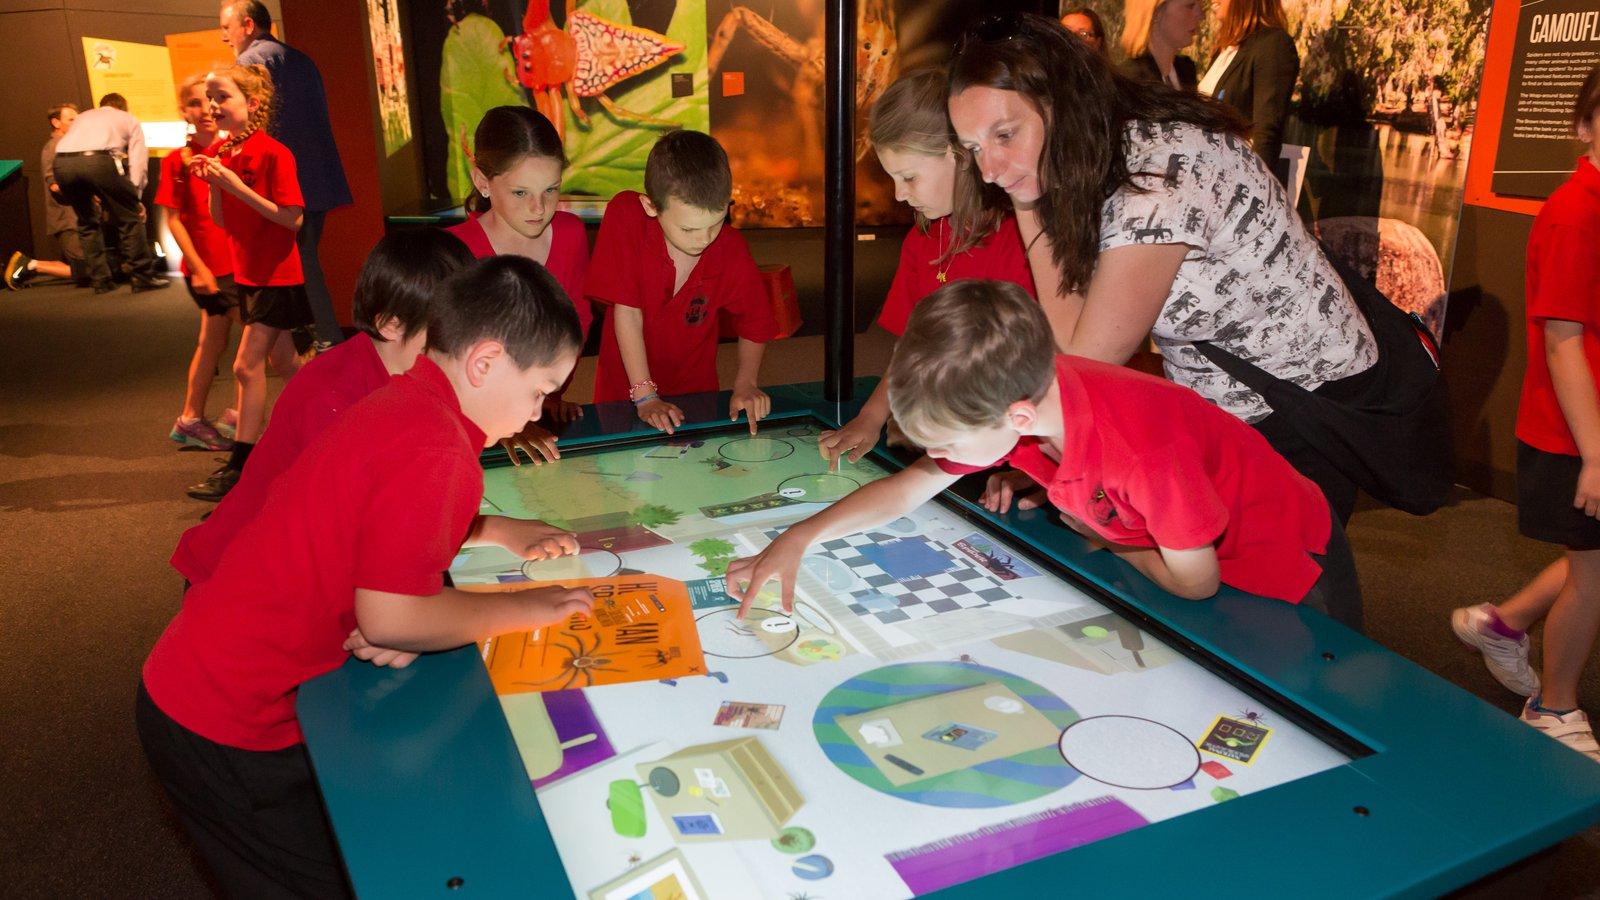 Spiders exhibition at Questacon (10)